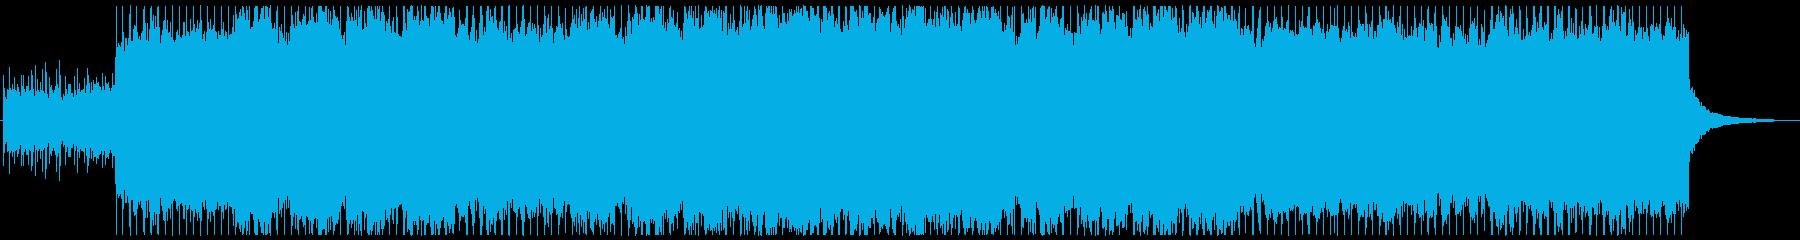 疾走感ある切なくも暖かいアコギアルペジオの再生済みの波形